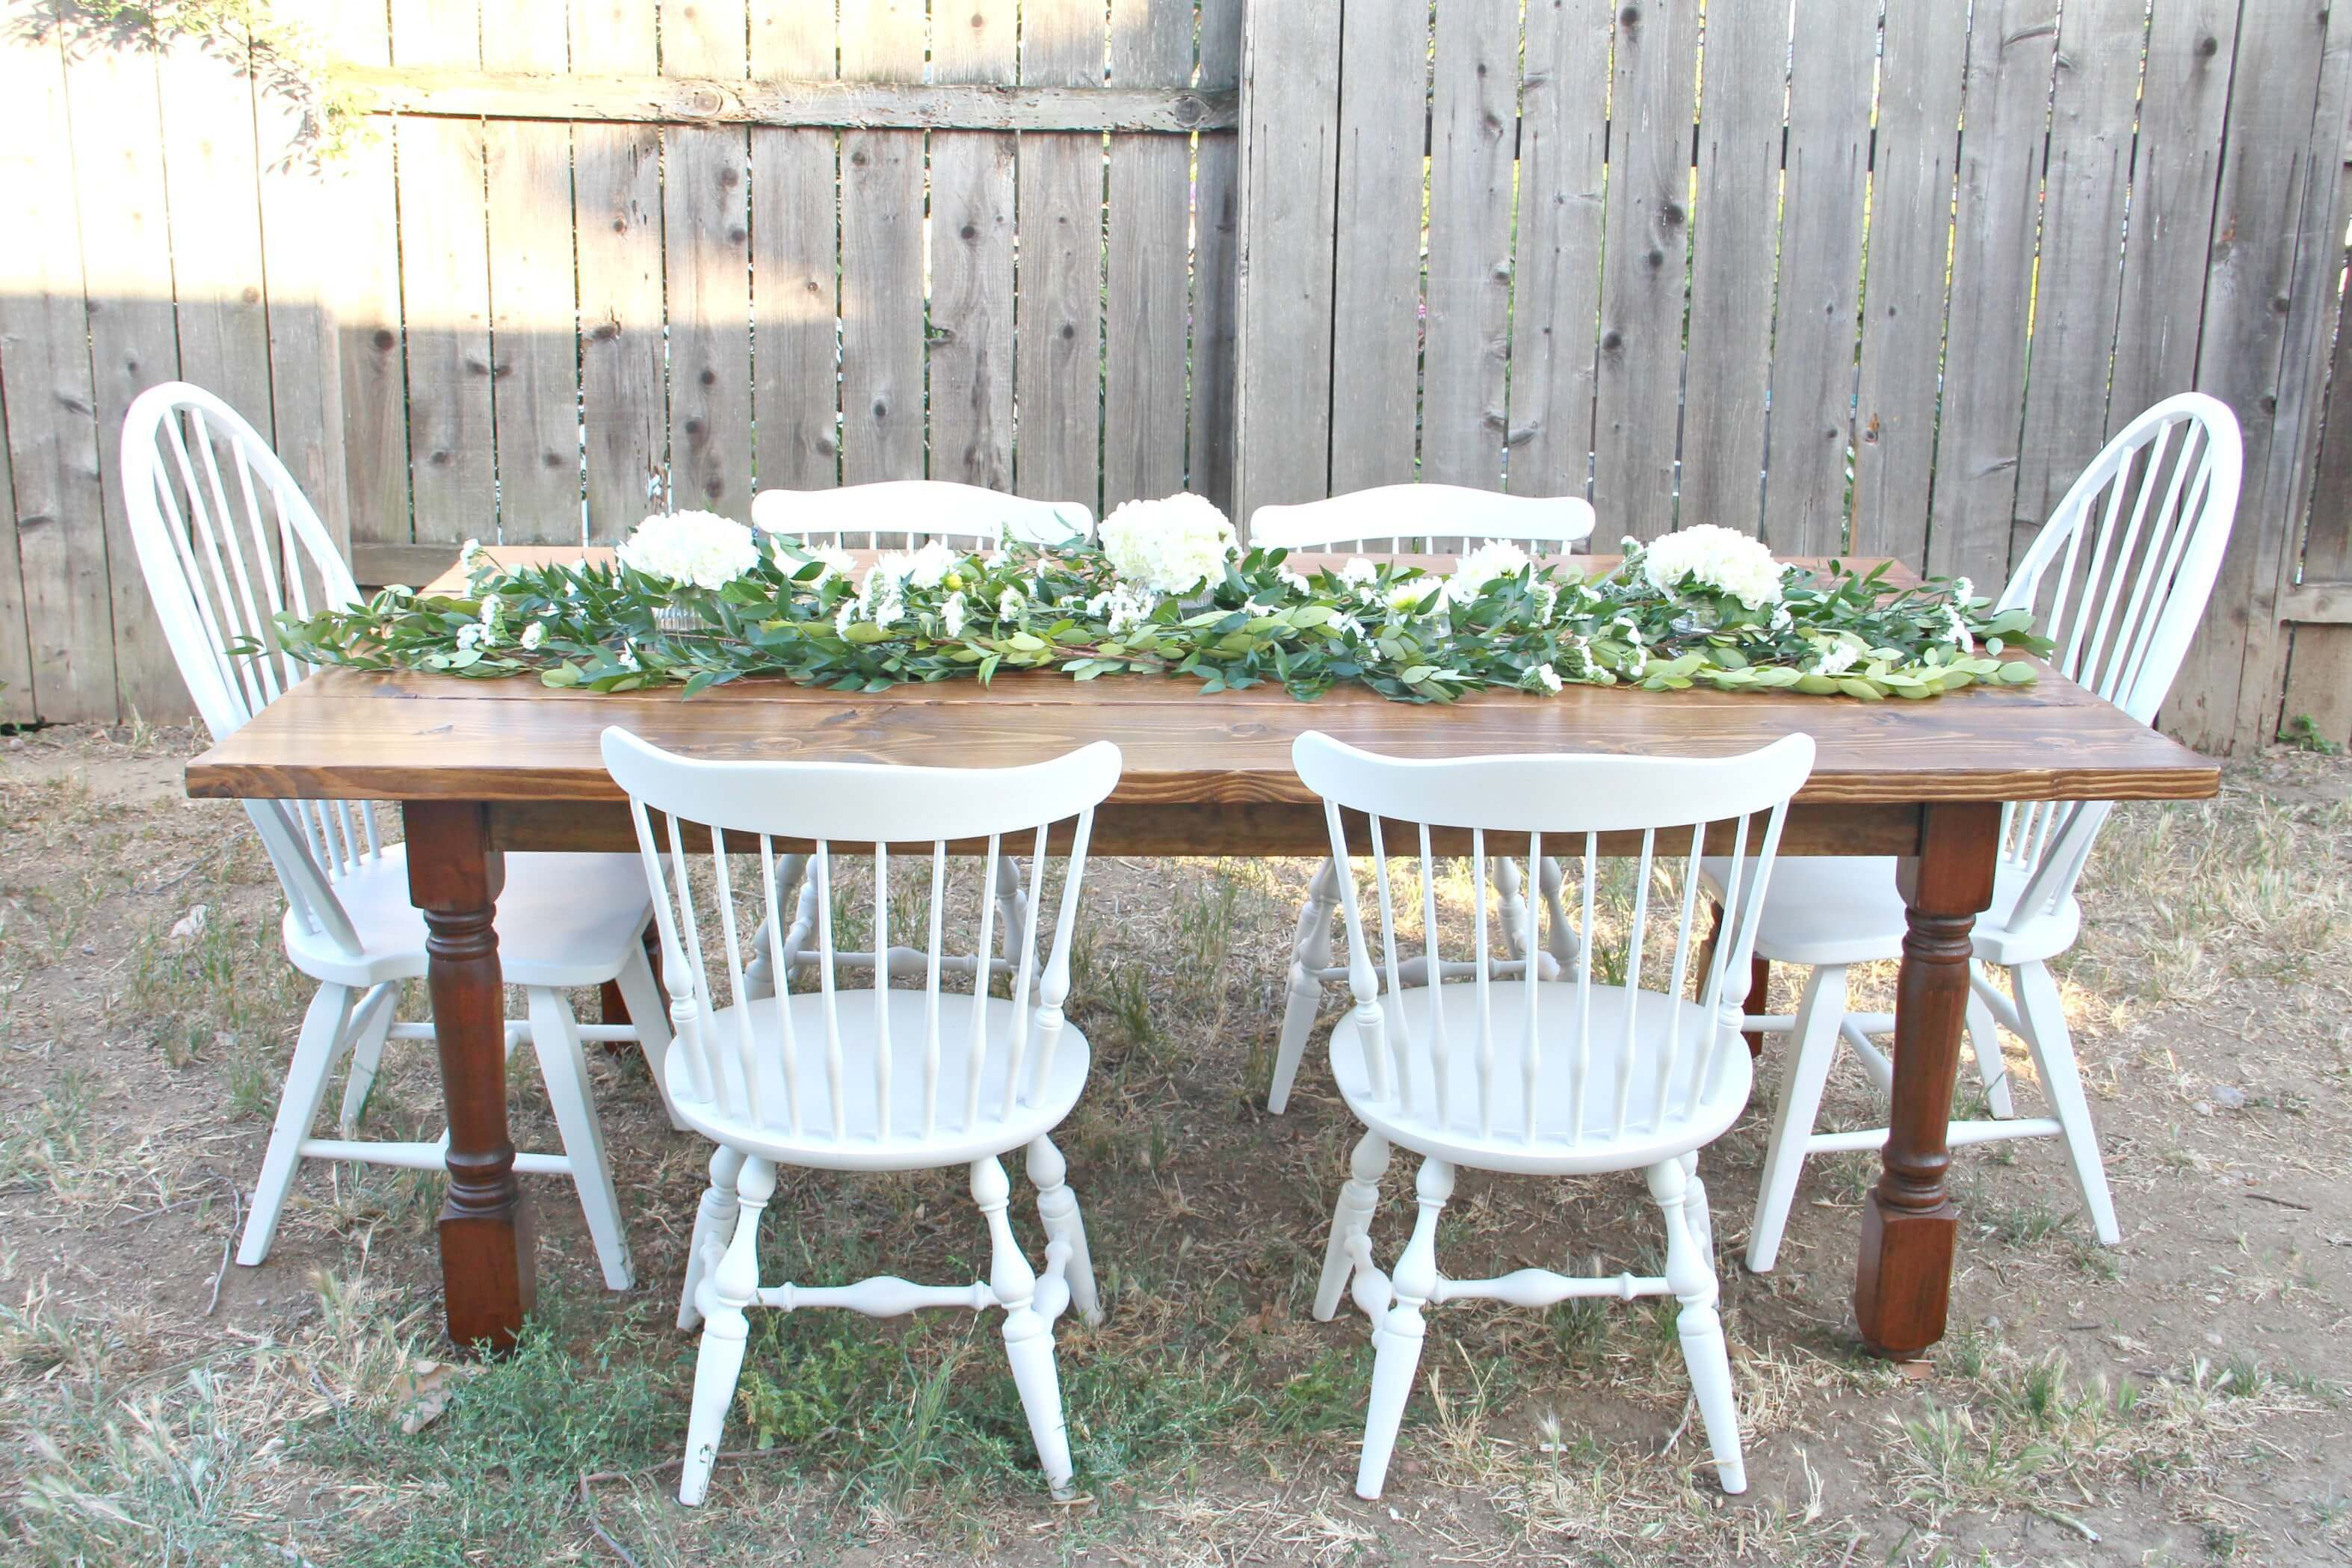 how to build a farmhouse table diy farmhouse table build a farmhouse table diy dining table on farmhouse kitchen table diy id=94101